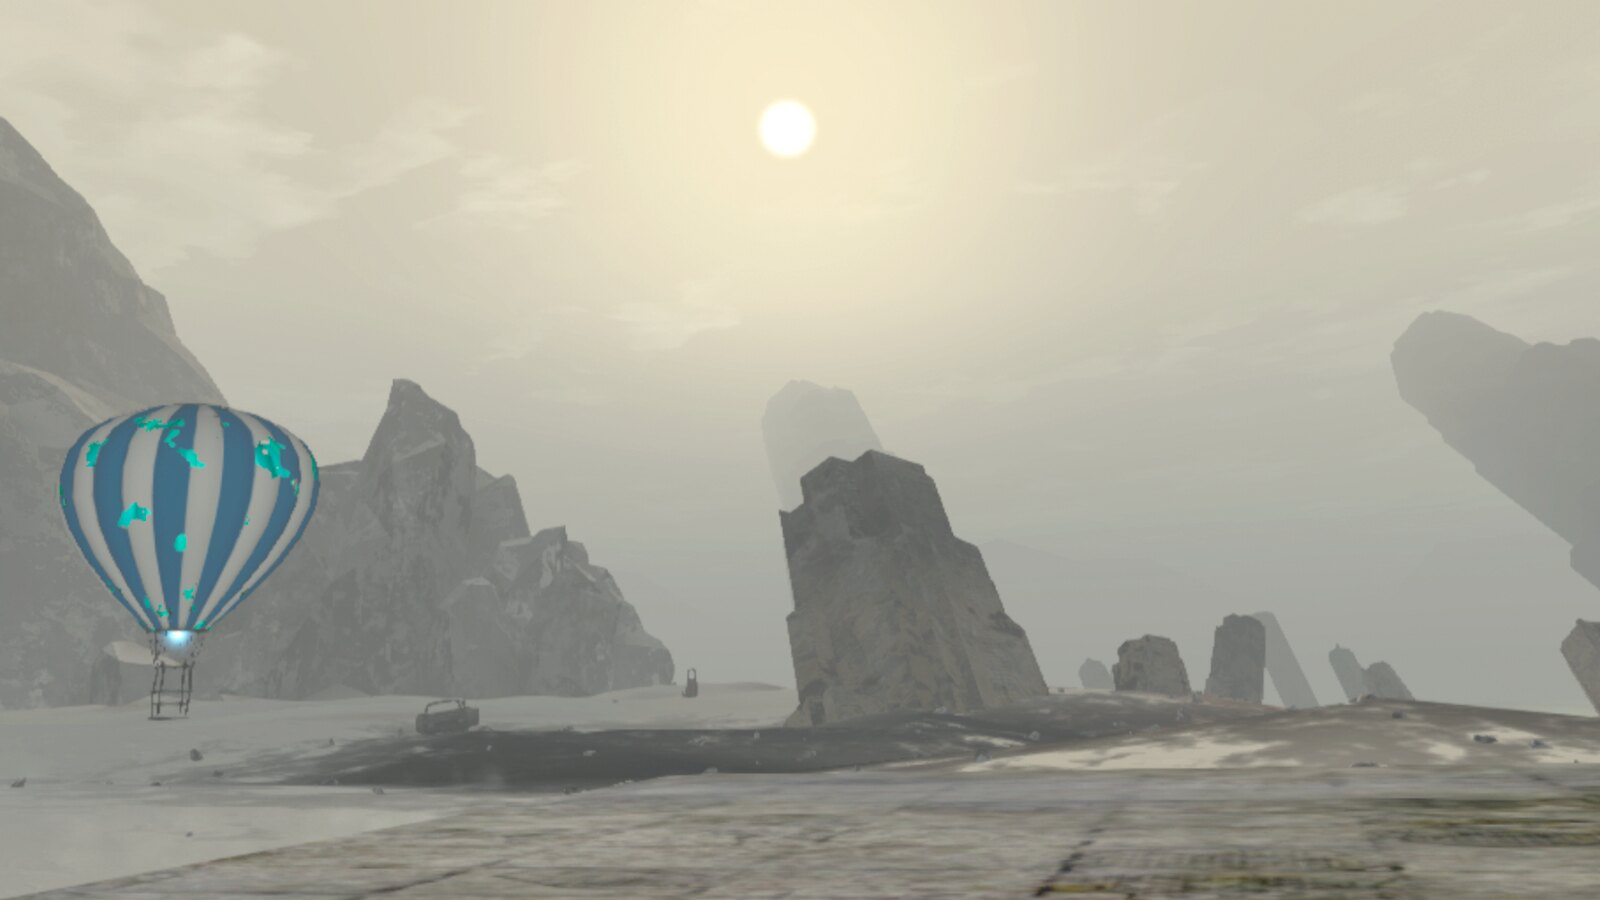 49598072867 bc95eaf54b h - Entdeckt die meditative Welt von Separation diese Woche in PS VR